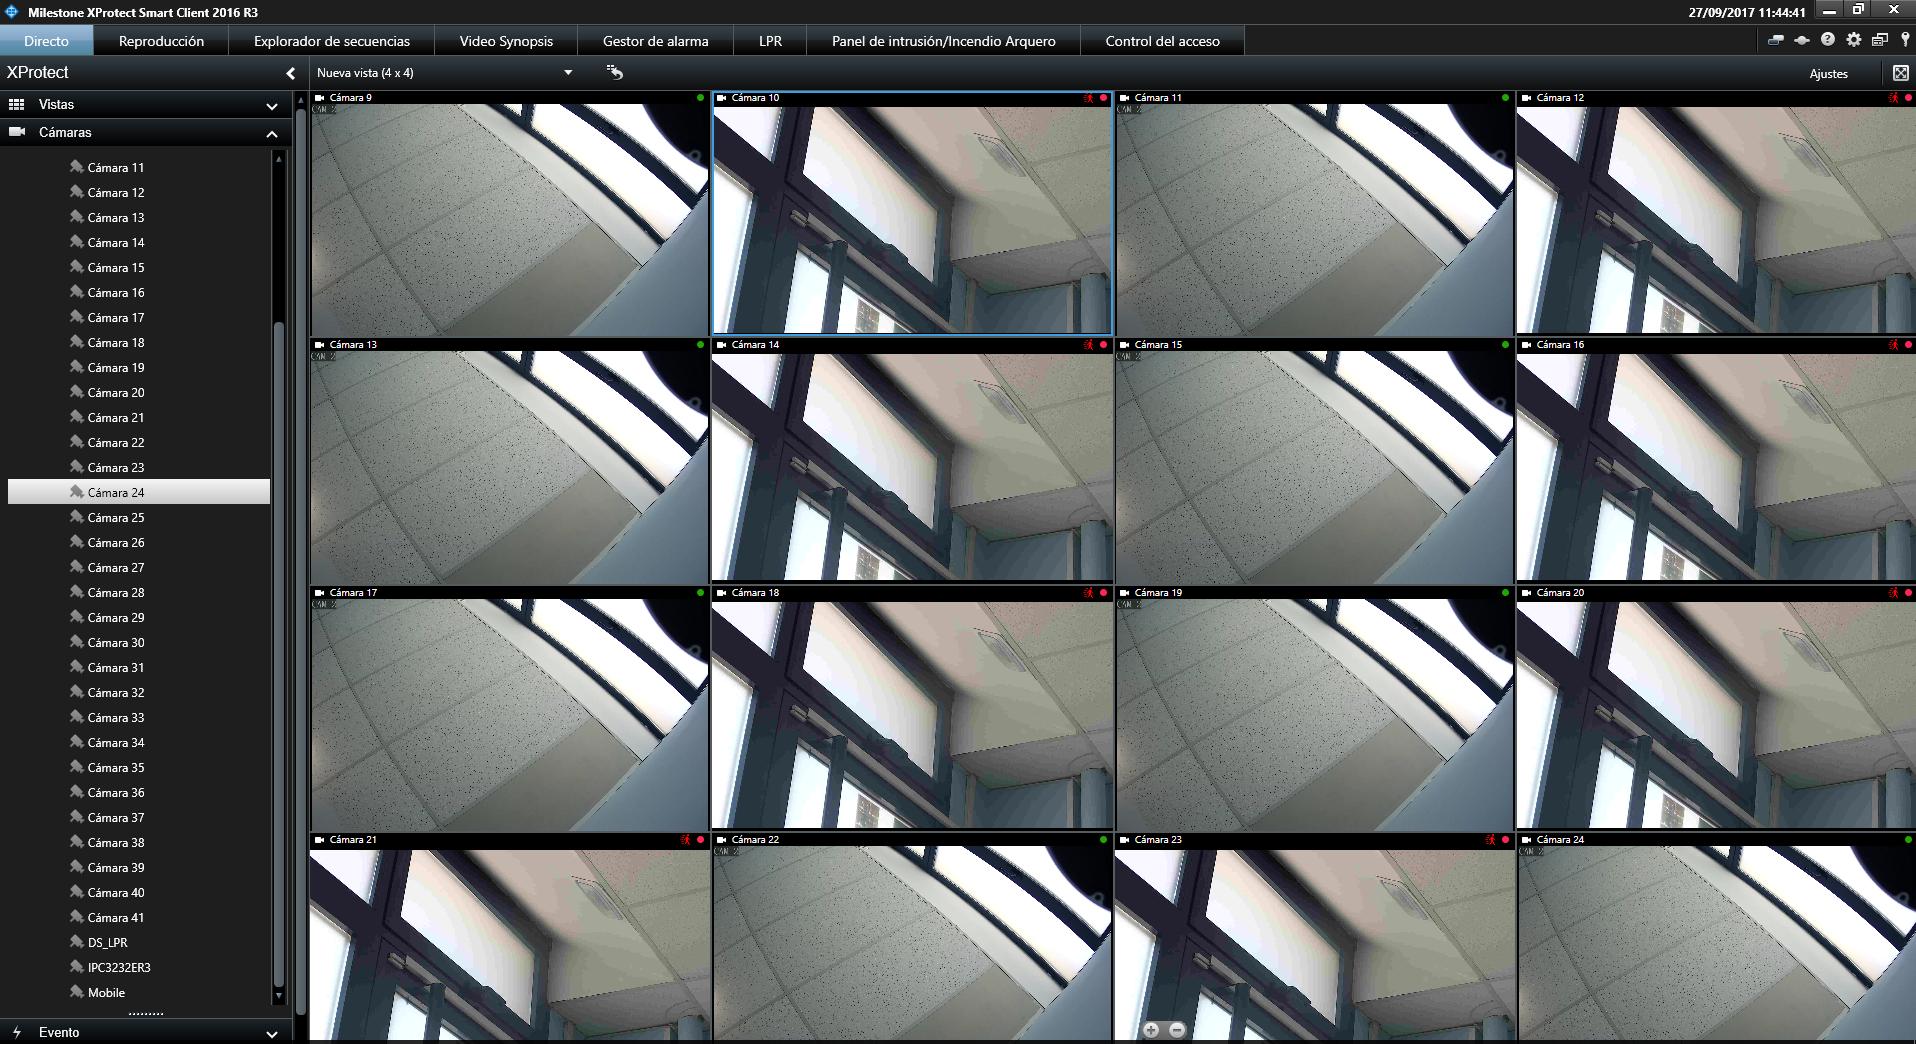 Ejemplo de configuración multicámara de distintas cámaras IP